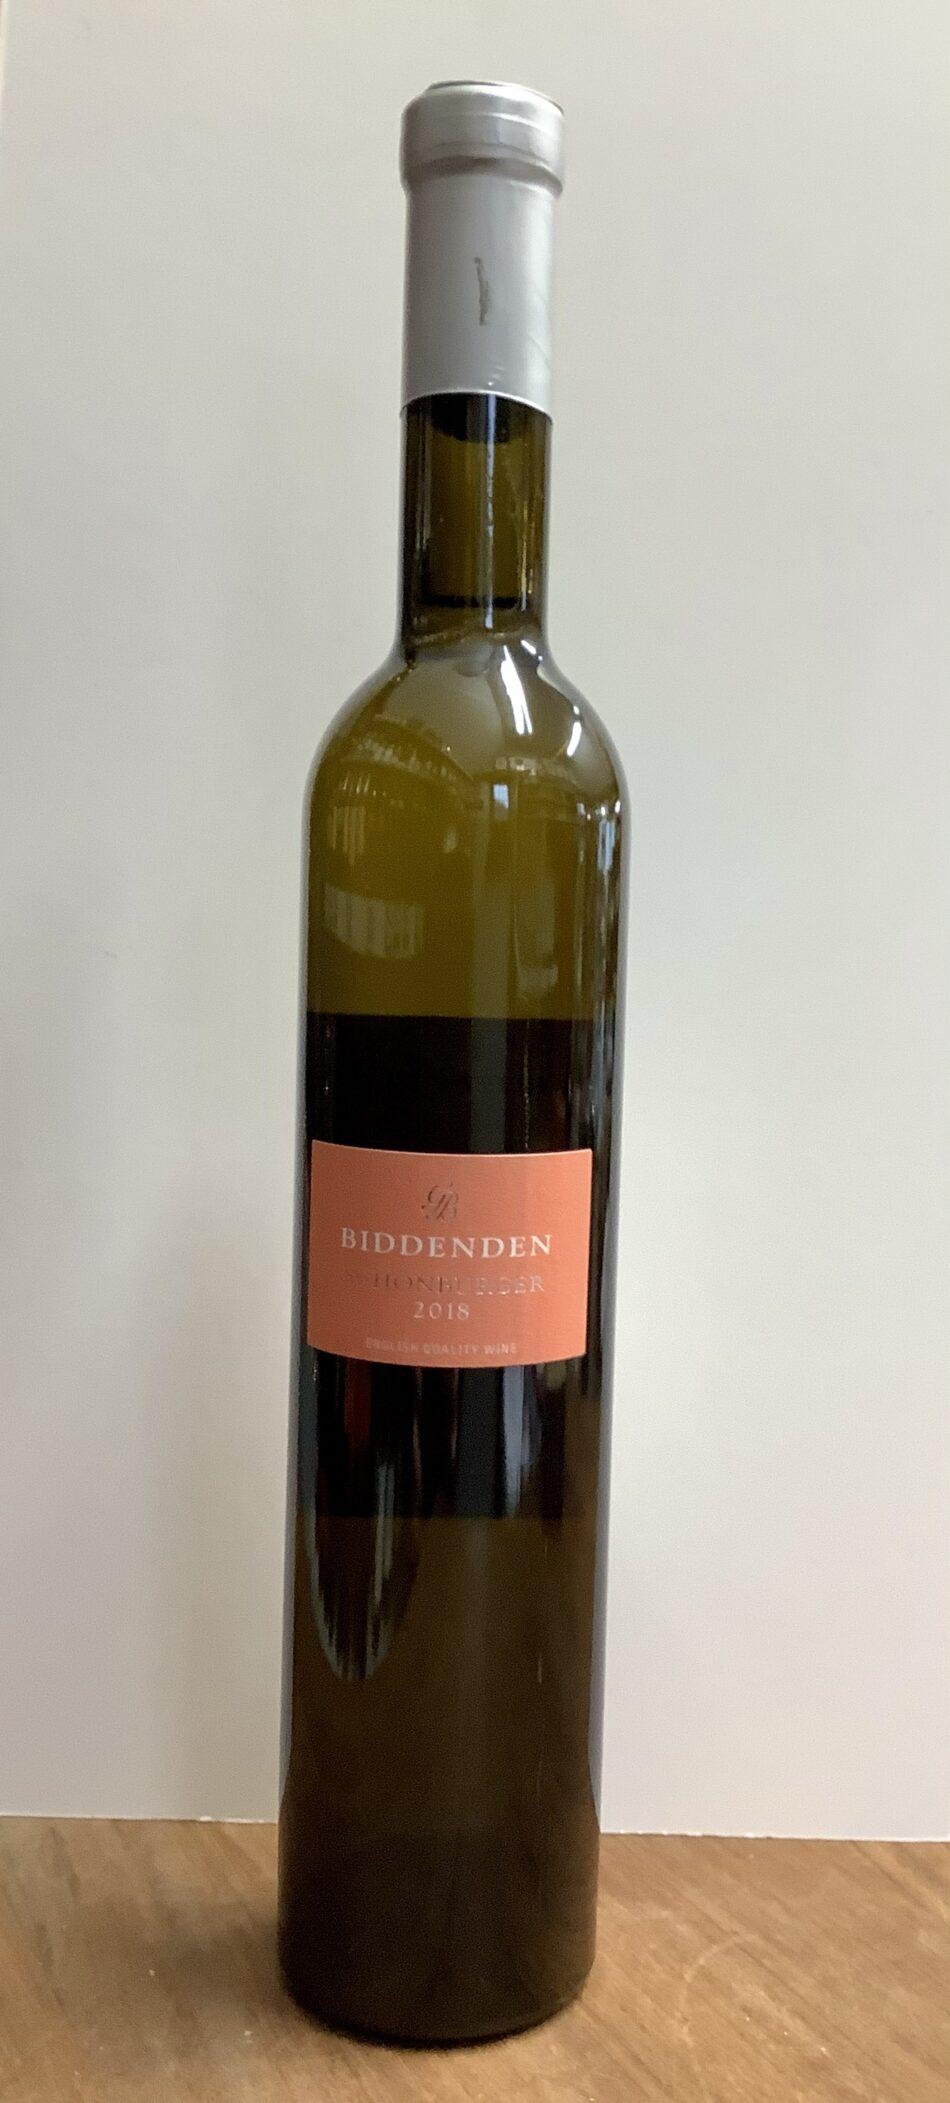 Biddenden Schonburger Wine 1